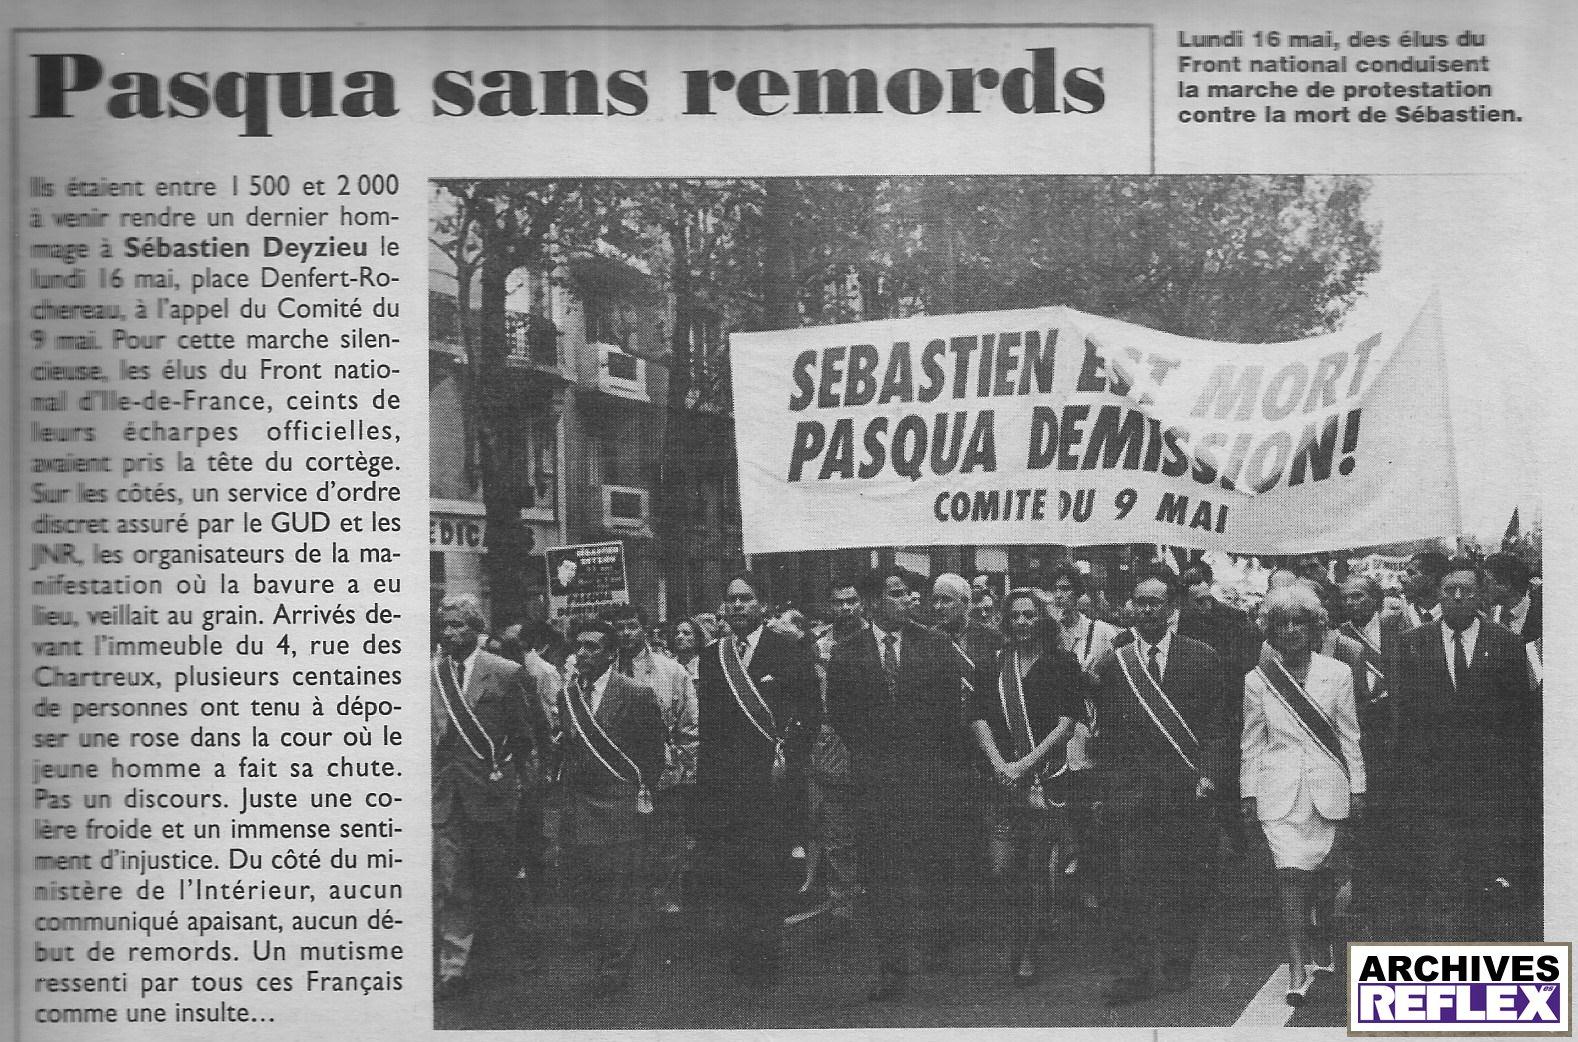 """""""Lundi 16 mai, des élus du Front National conduisent la marche de protestation contre la mort de Sébastien"""" Minute du 25 mai 1994"""